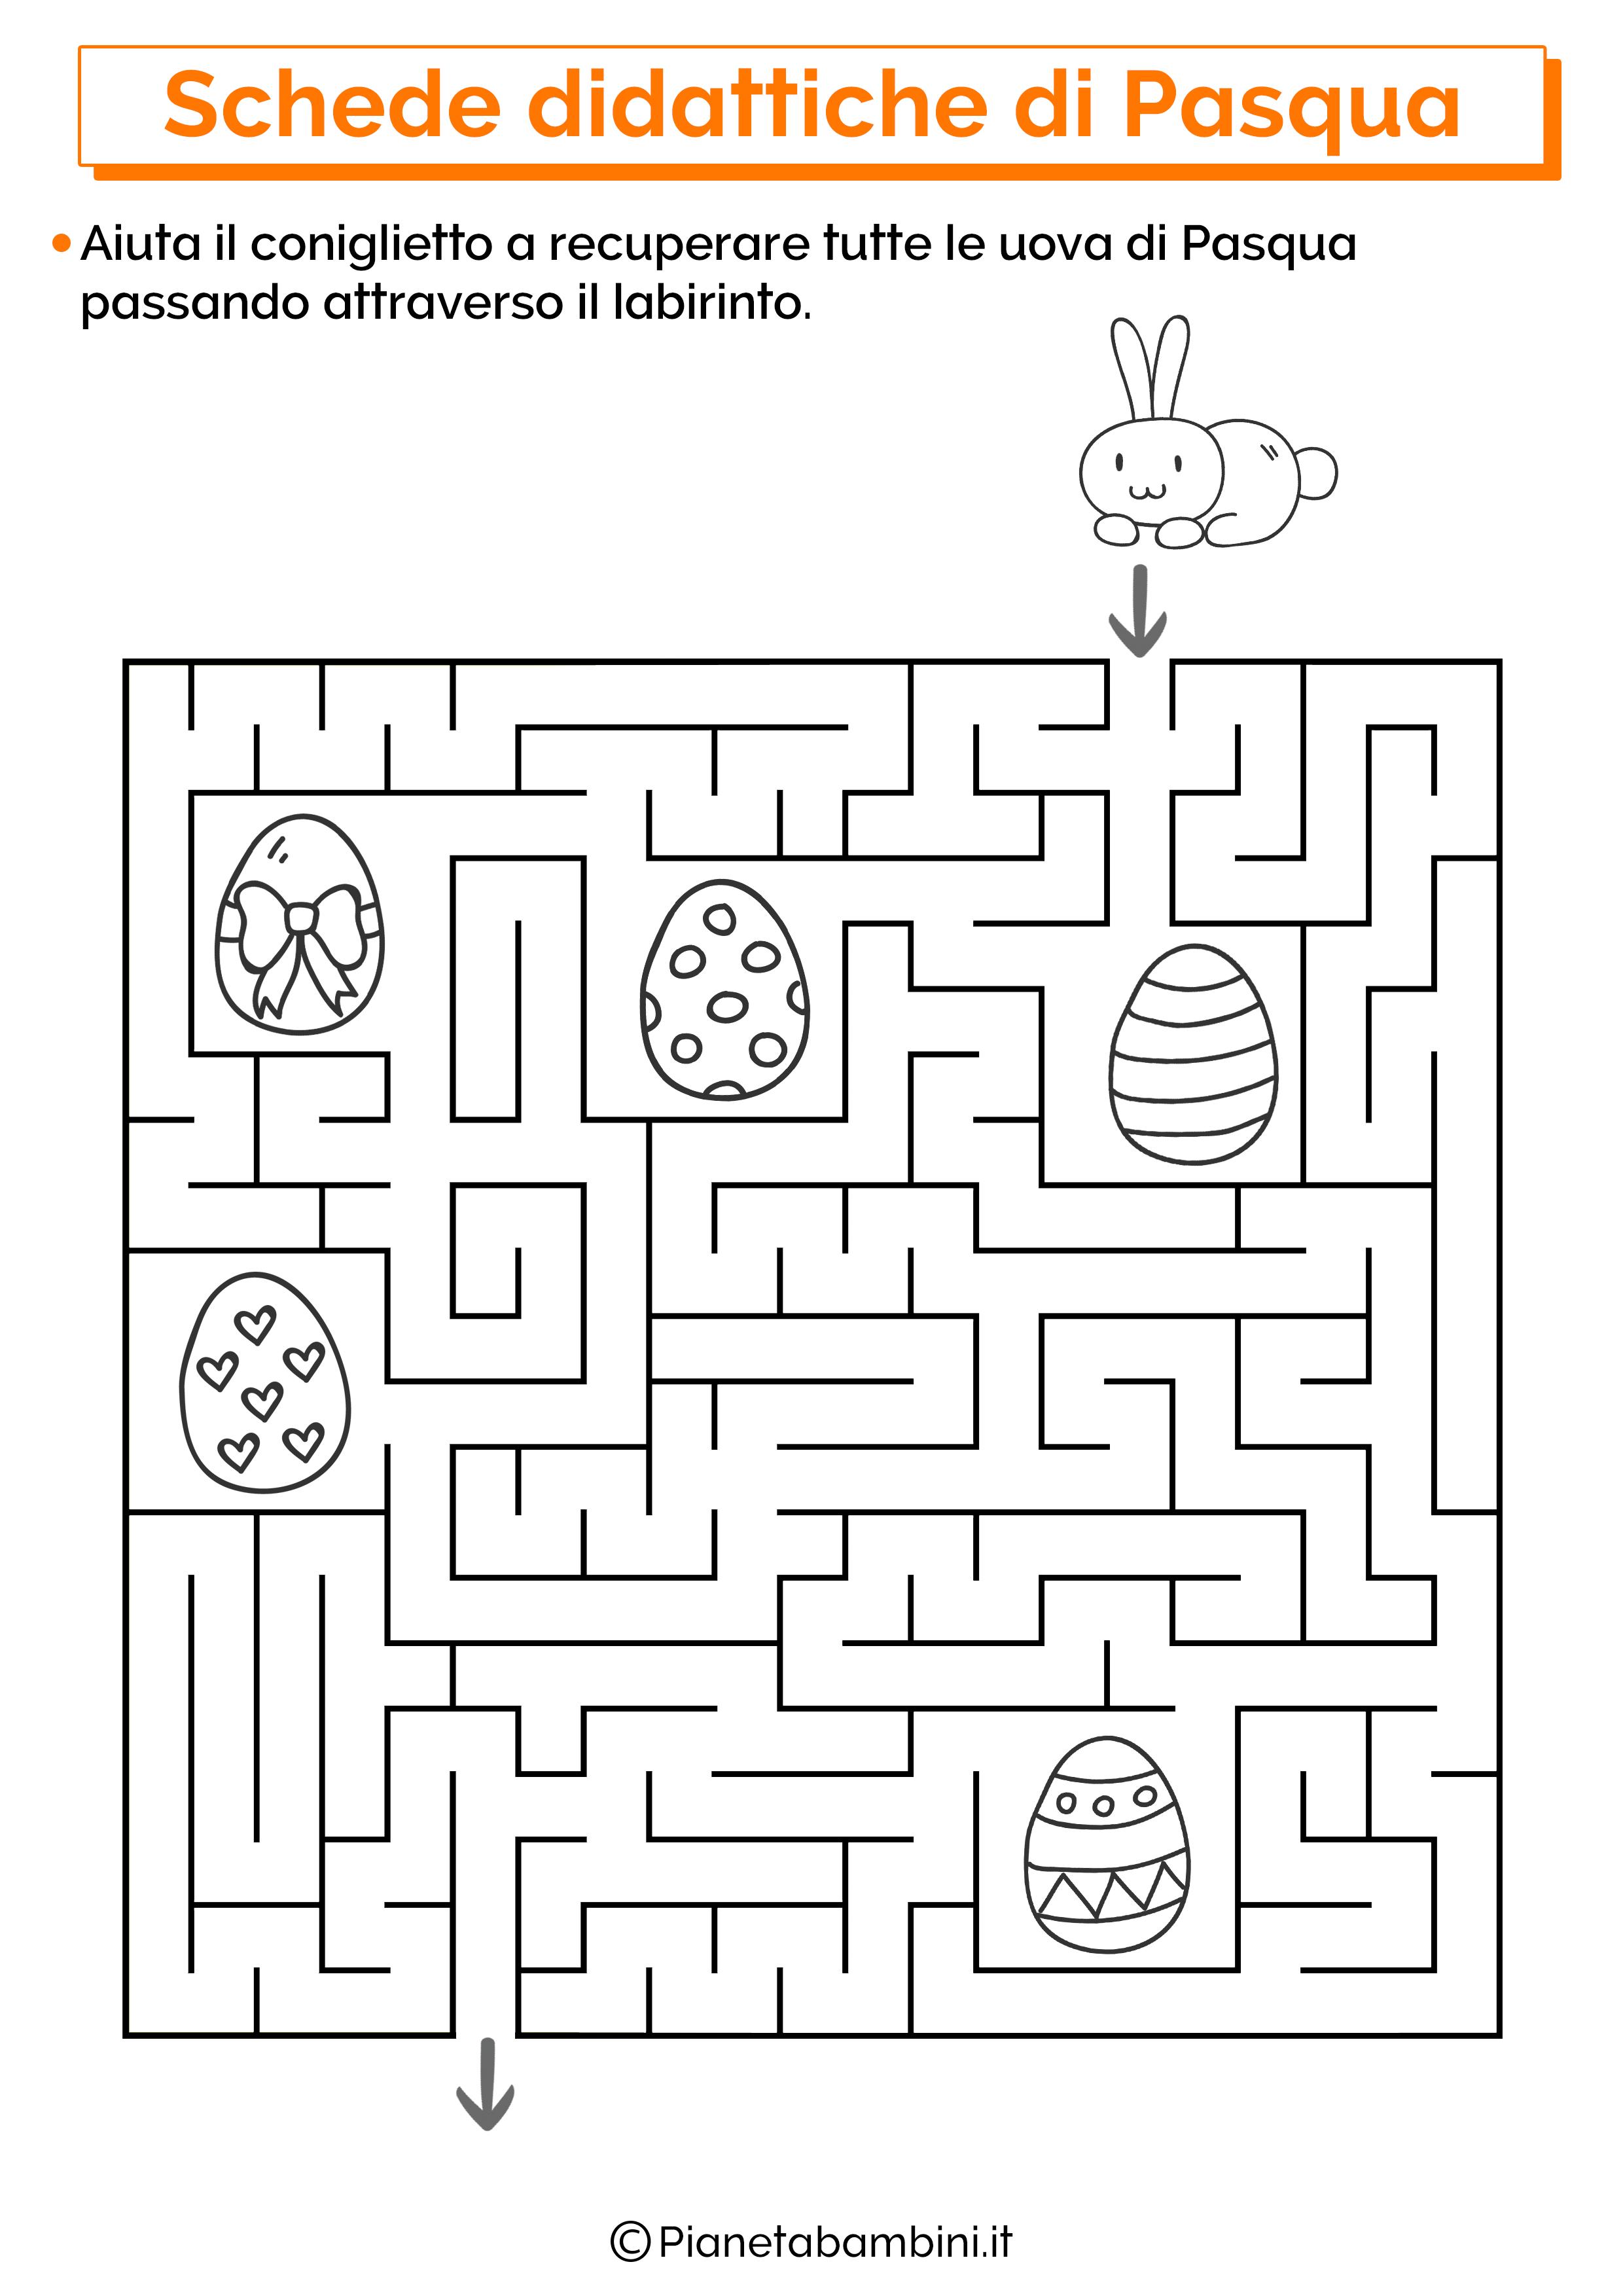 Scheda didattica sulla Pasqua per la scuola primaria 15